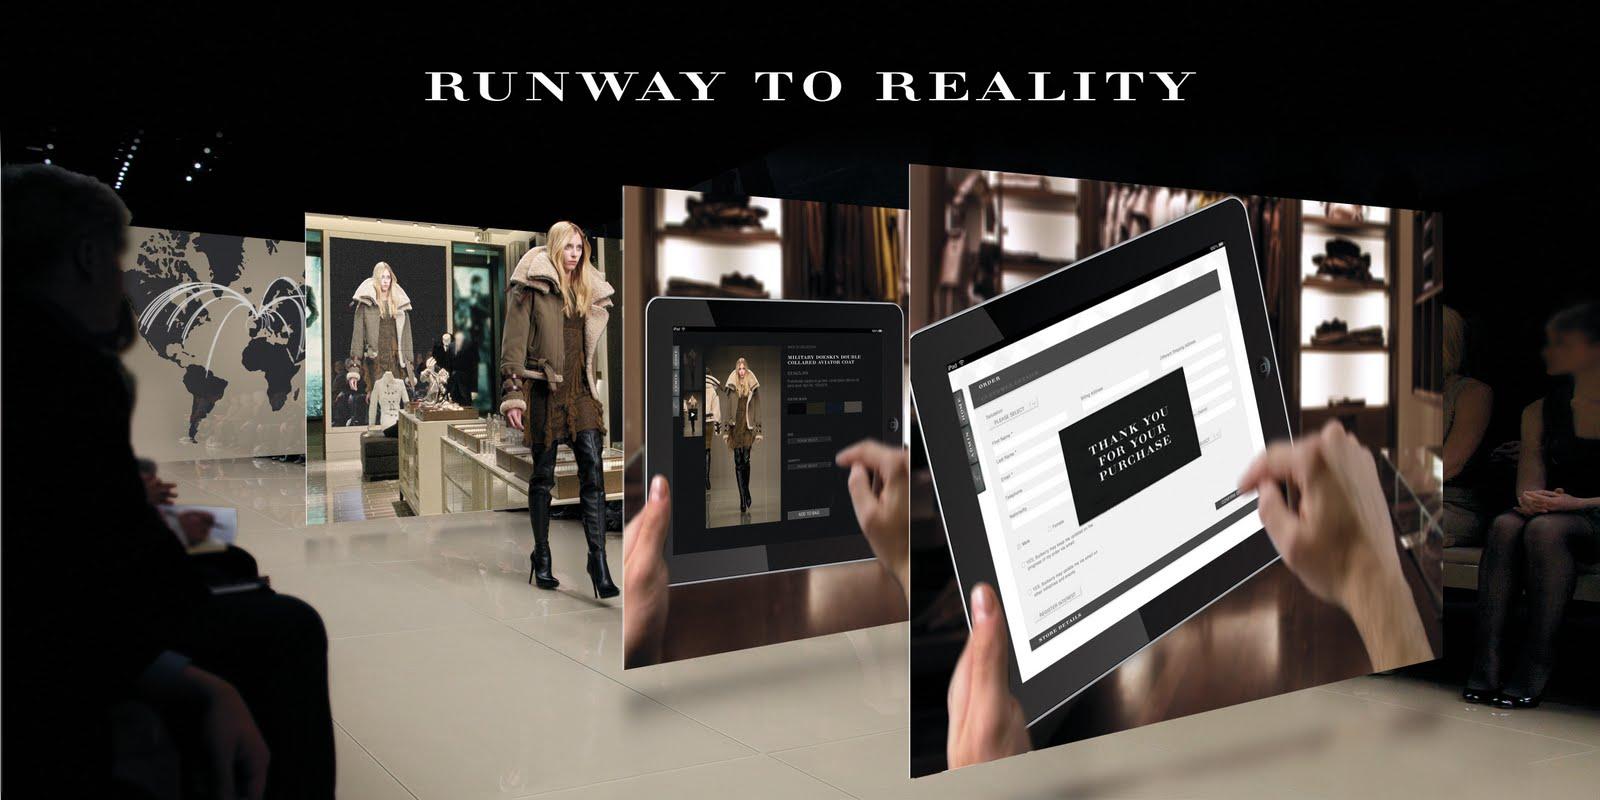 Burberry-Social-media-strategie-social-wall